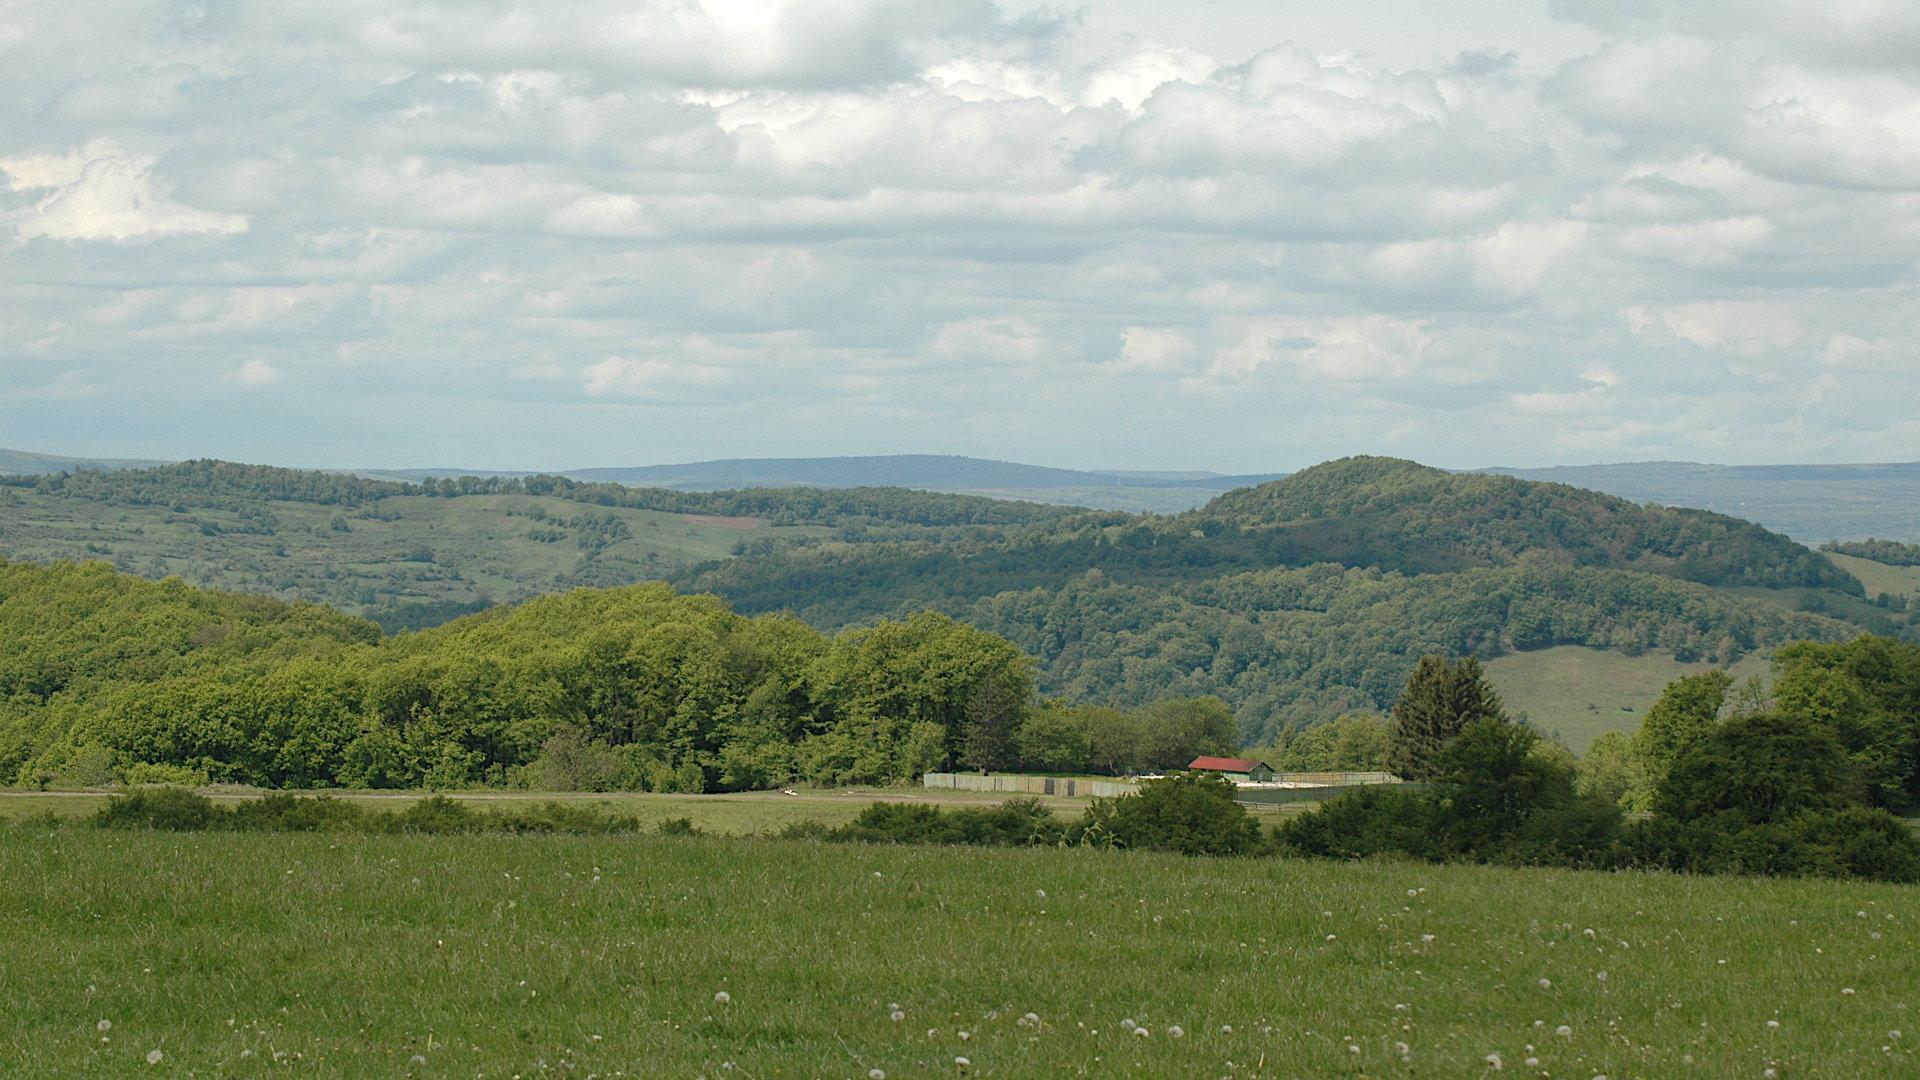 Forschungsreise Rumänien-Vereinsgrundstück? inmitten von bewaldeten Hügeln